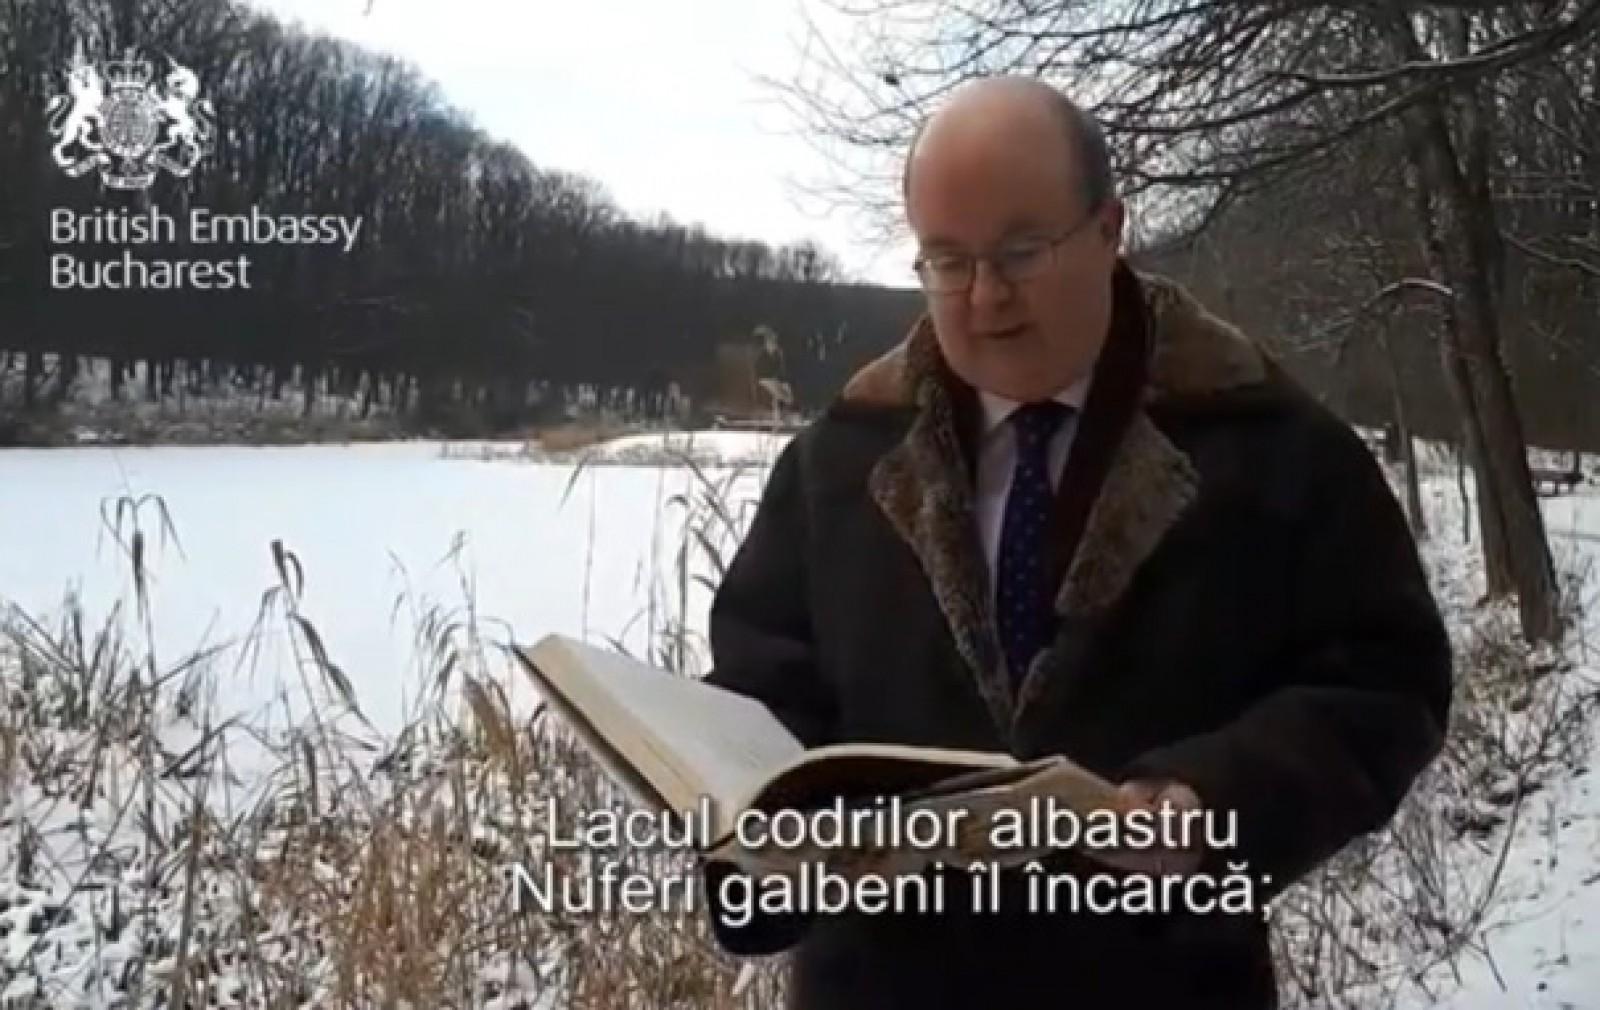 """(video) Paul Brummell, ambasadorul Marii Britanii, recită """"Lacul"""", de ziua lui Mihai Eminescu, la Ipoteşti"""